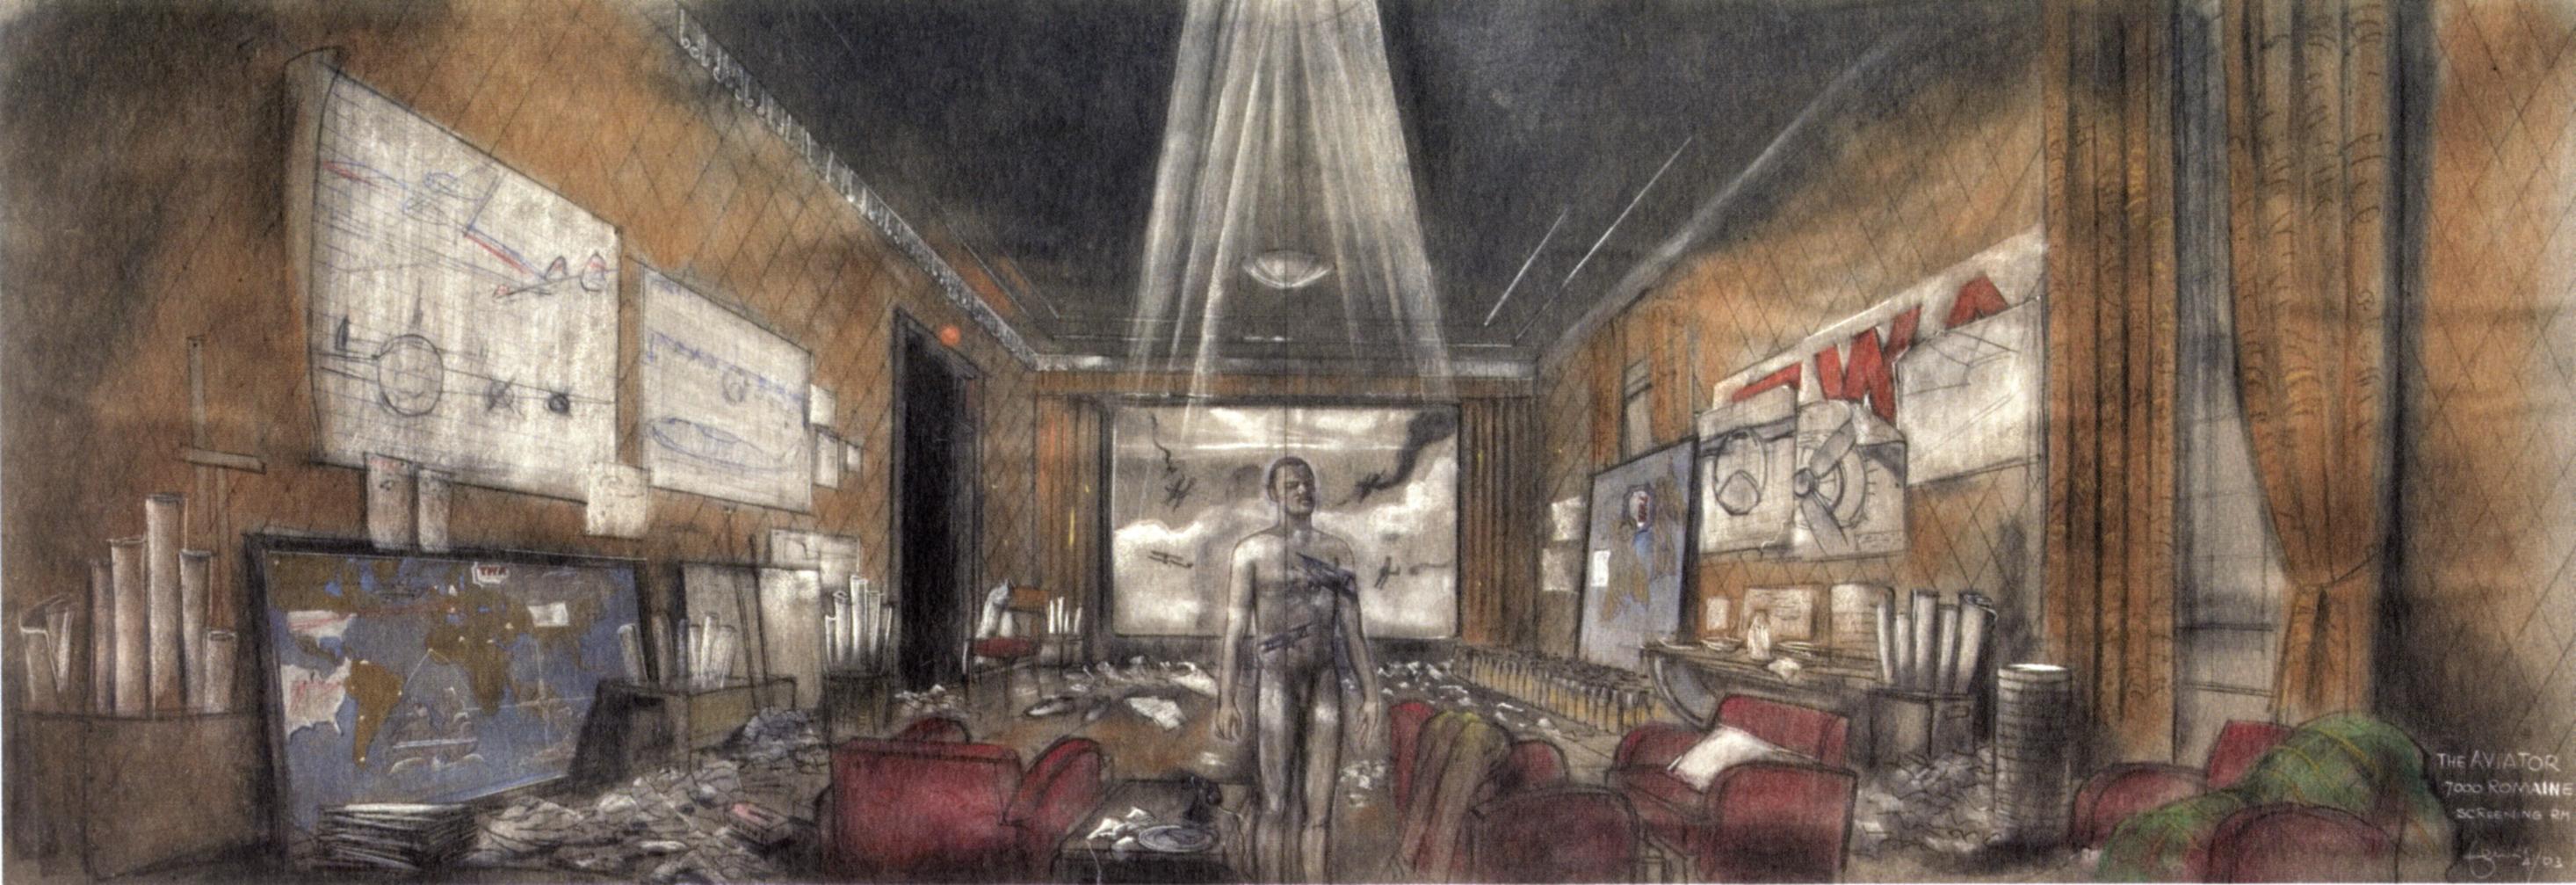 Dante ferretti design and construction for the cinema for Sala new york